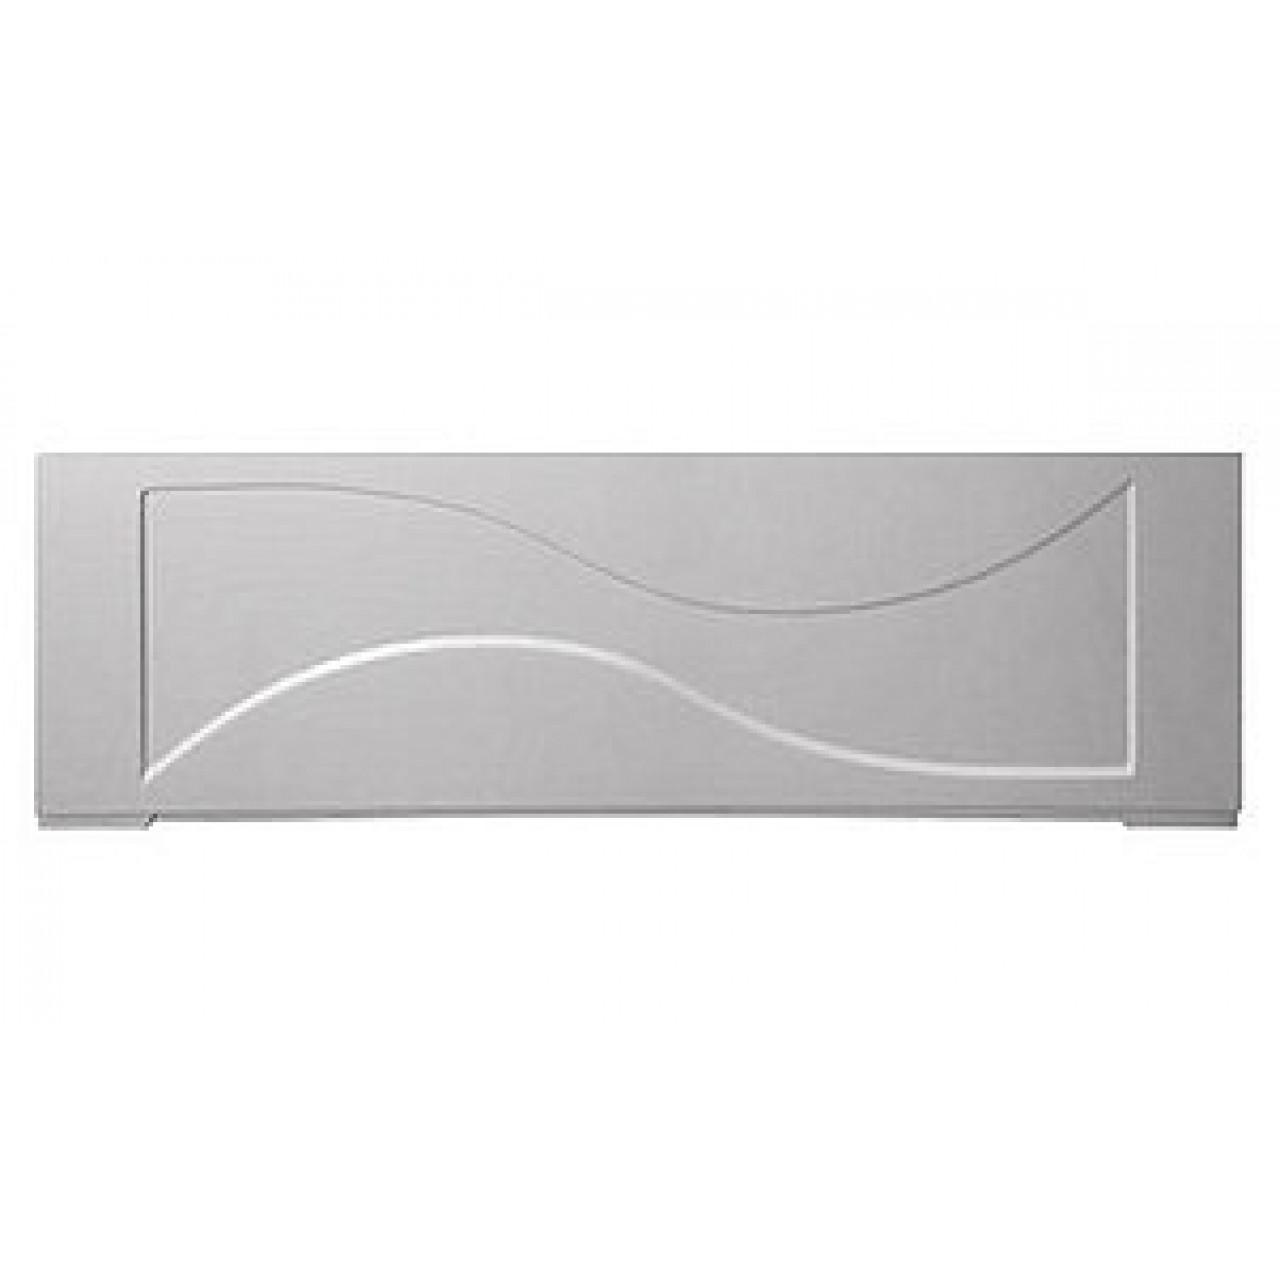 Экран Triton Кэт 150 купить в Москве по цене от 2770р. в интернет-магазине mebel-v-vannu.ru